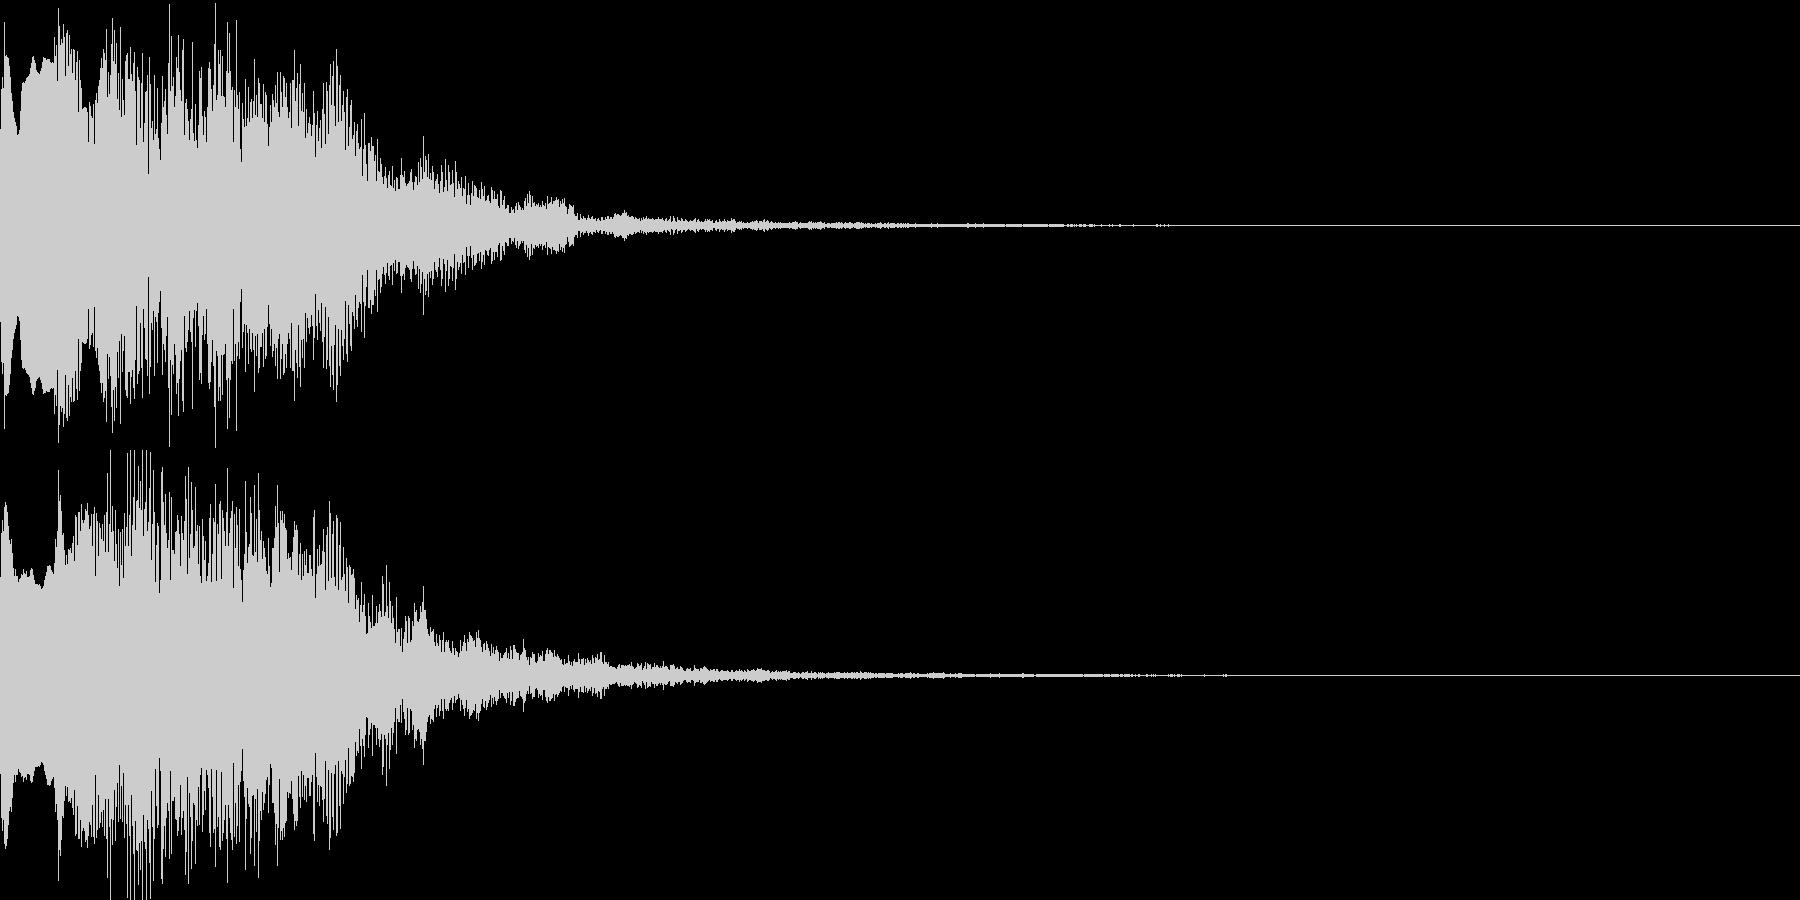 不思議な音08の未再生の波形